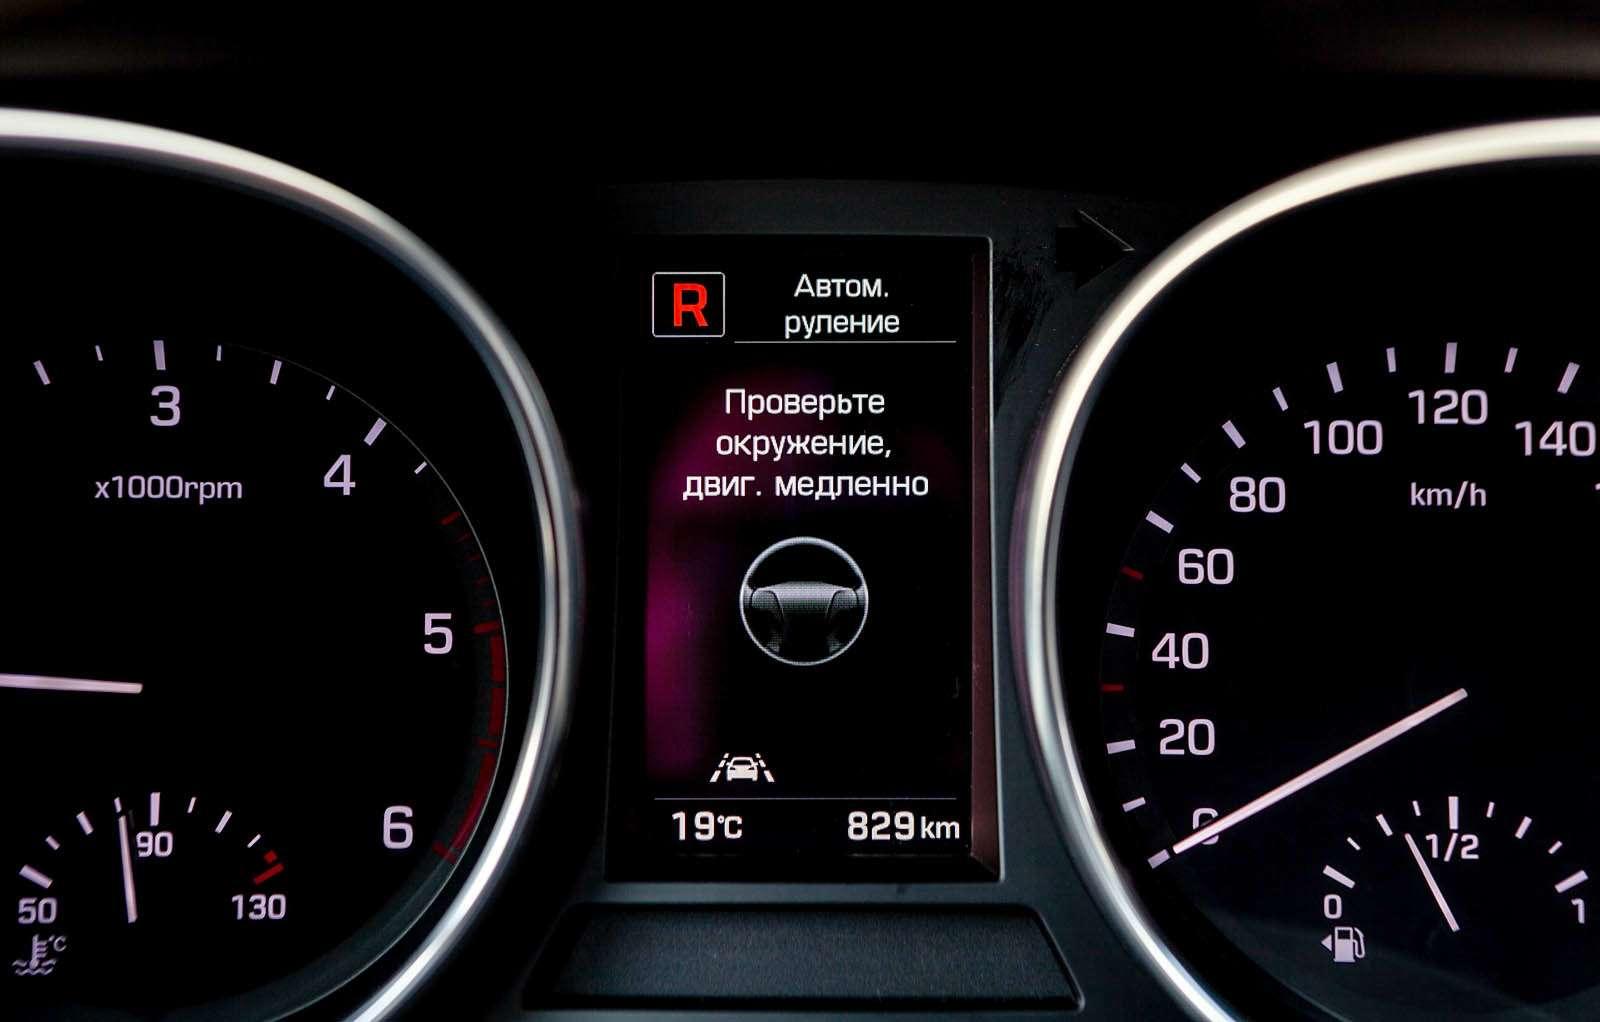 Обновленный Hyundai Grand Santa Fe: первый российский тест-драйв— фото 593789